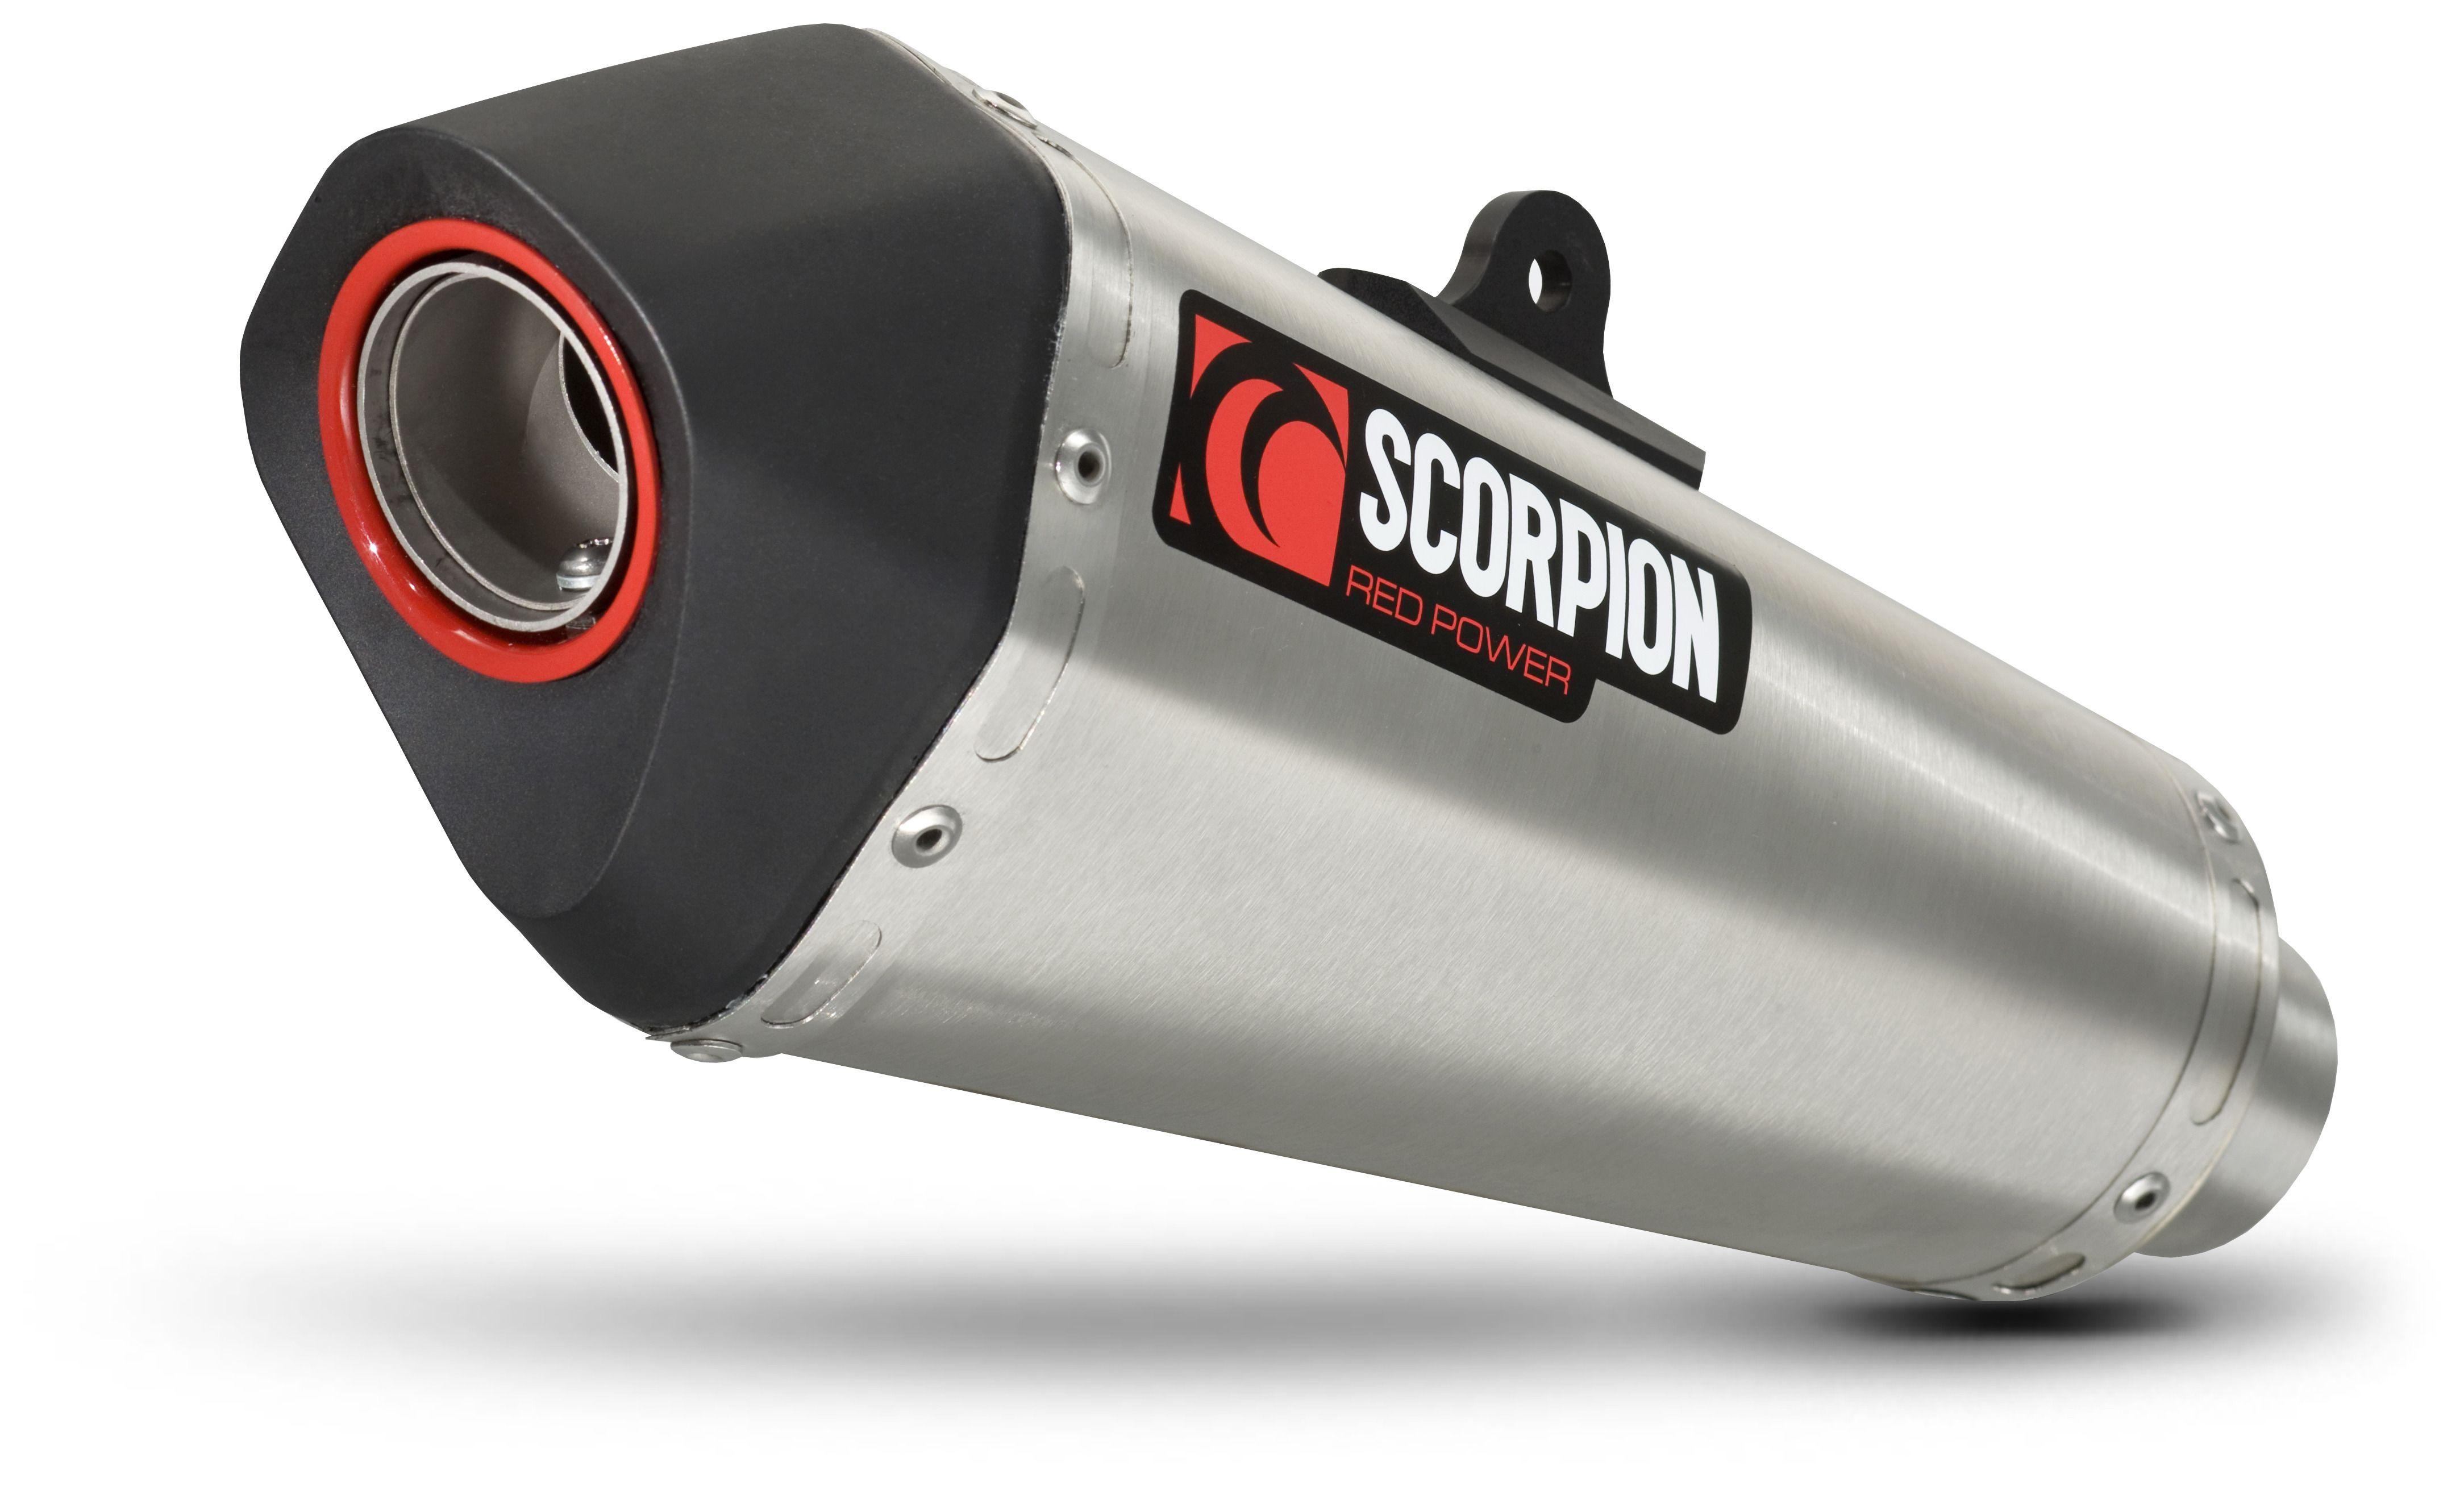 Scorpion Serket Taper Exhaust System Kawasaki Ninja 300 2013-2017